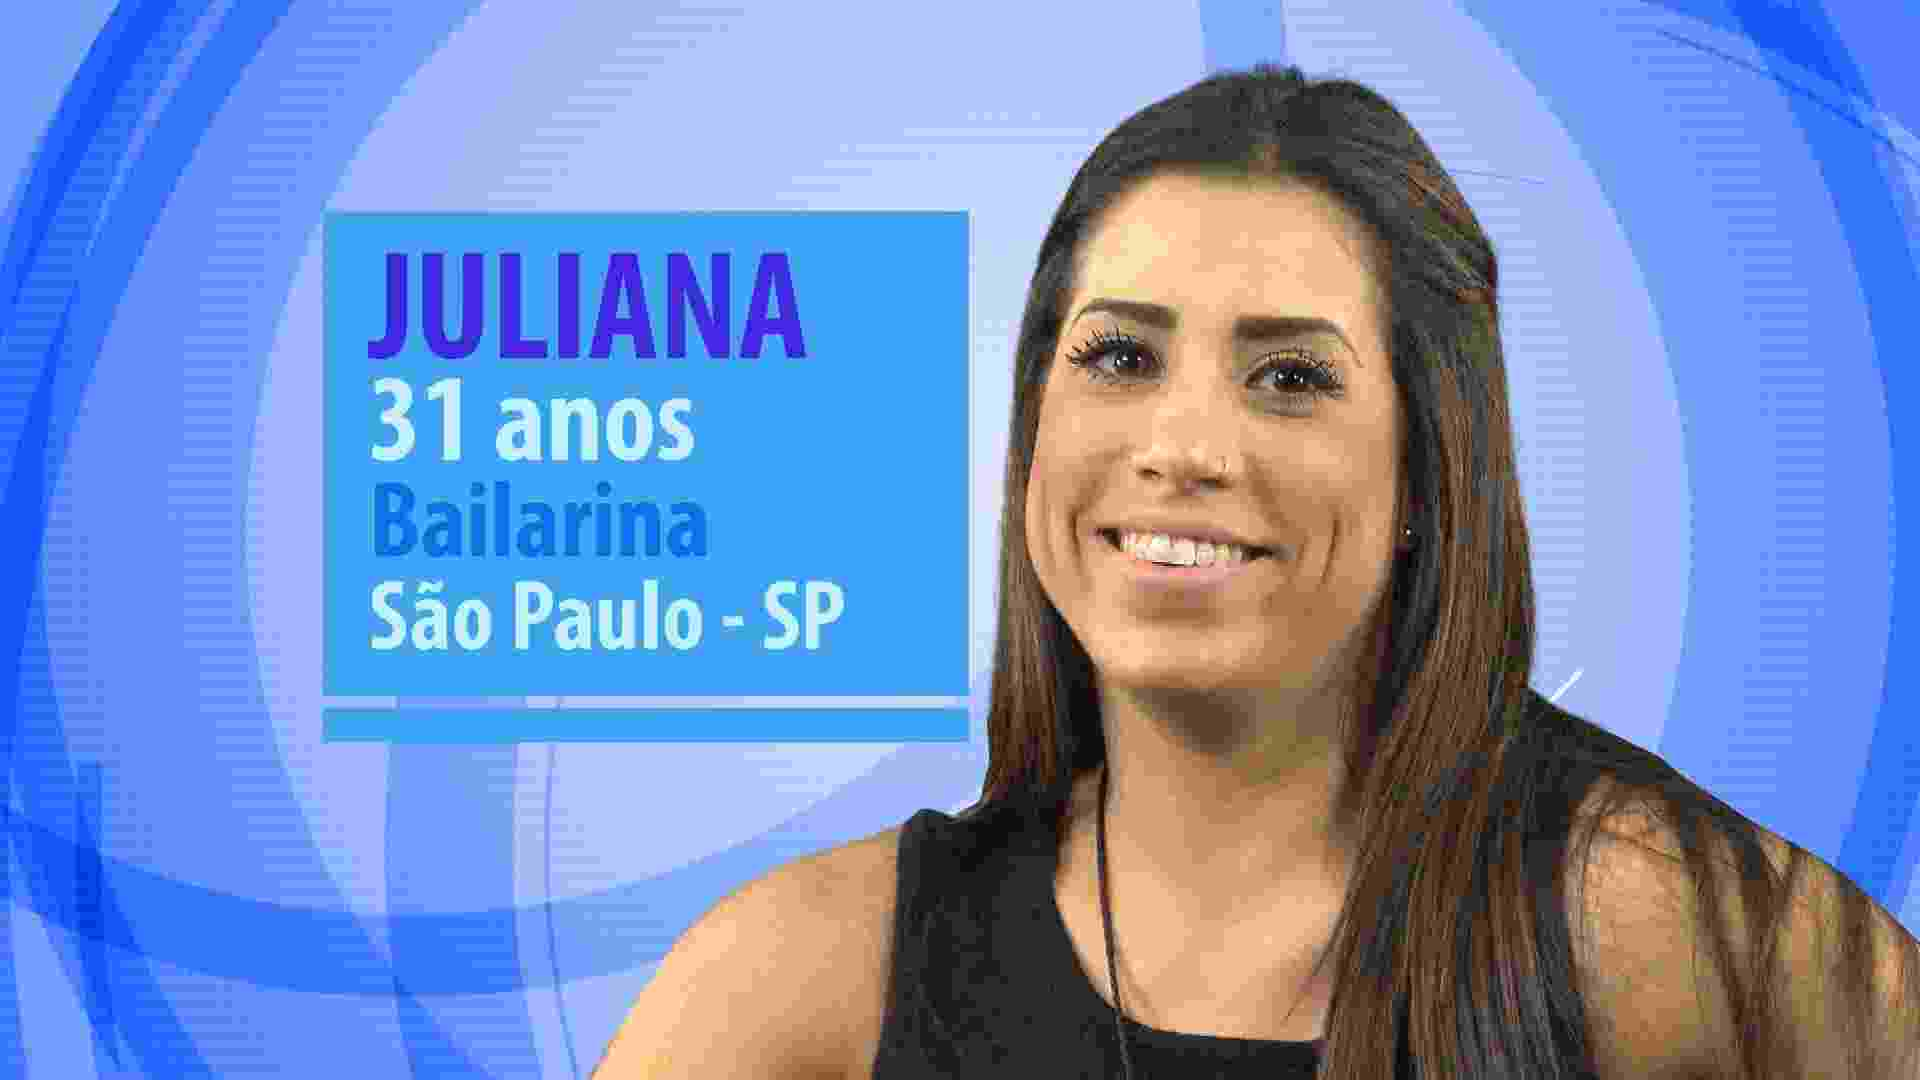 Juliana tem 31 anos, é paulista e bailarina - Divulgação